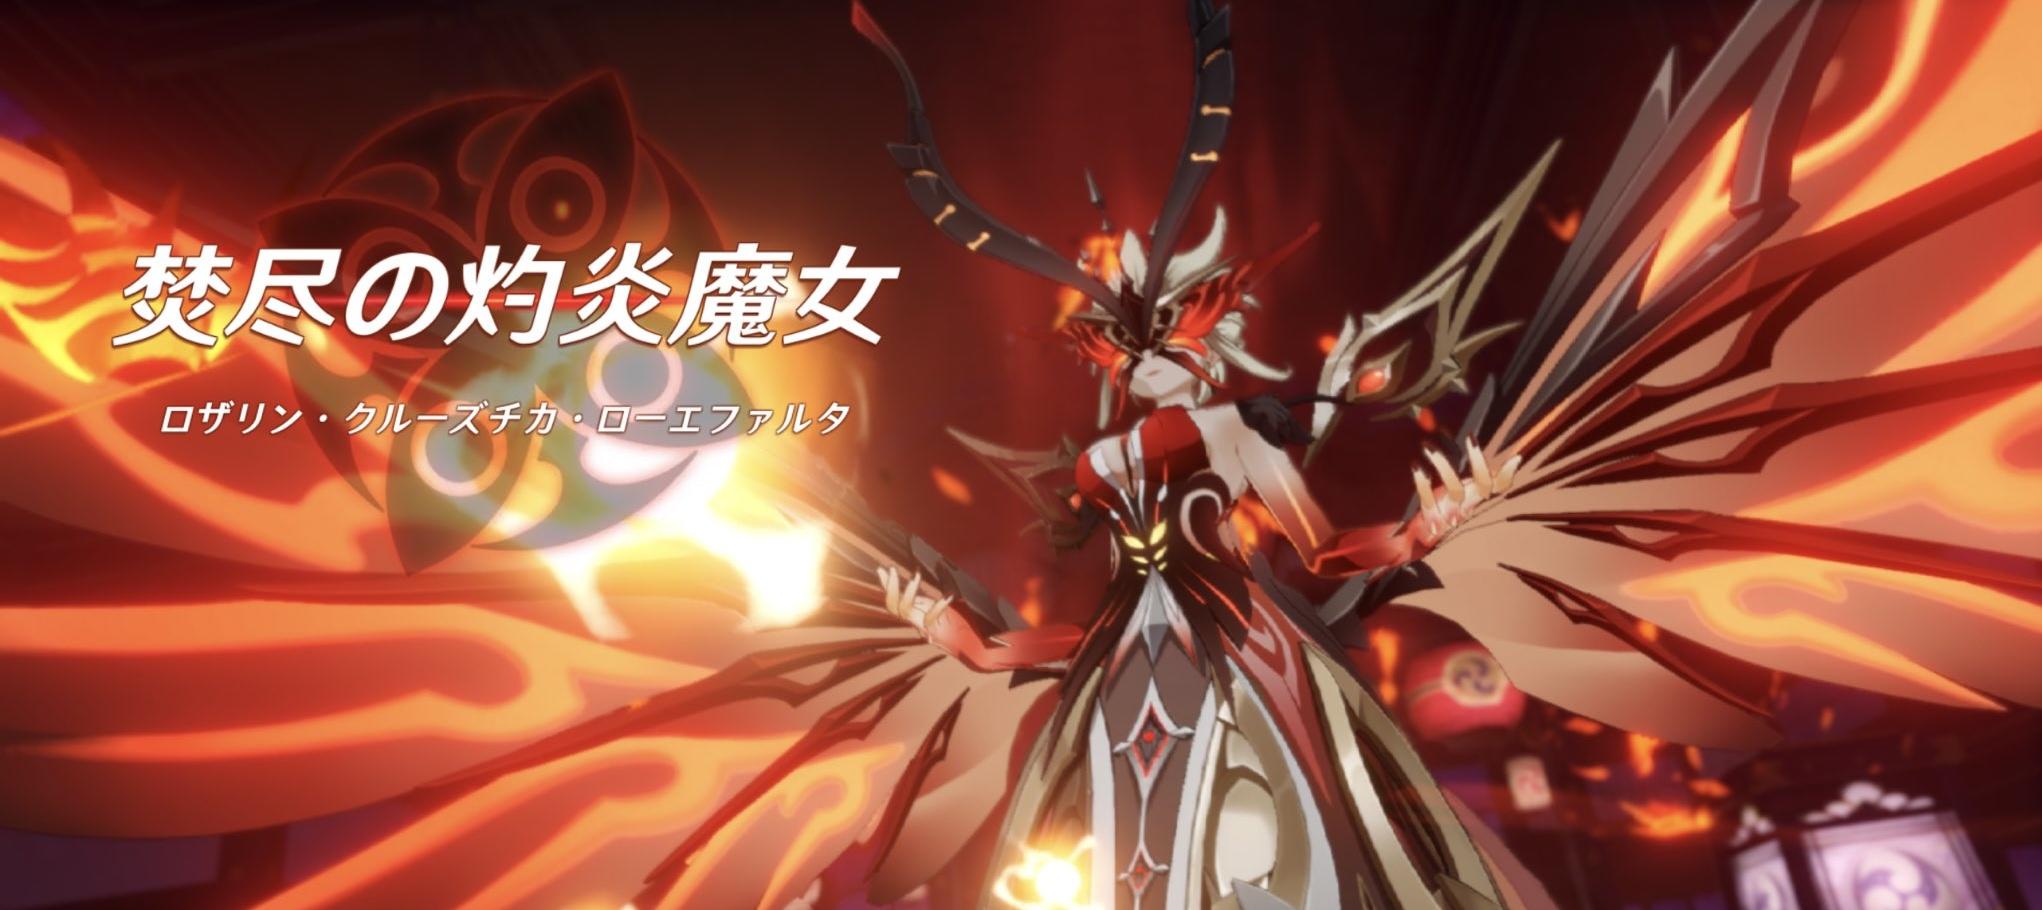 【原神まとめ】シニョーラの最終形態って炎効くっけ?